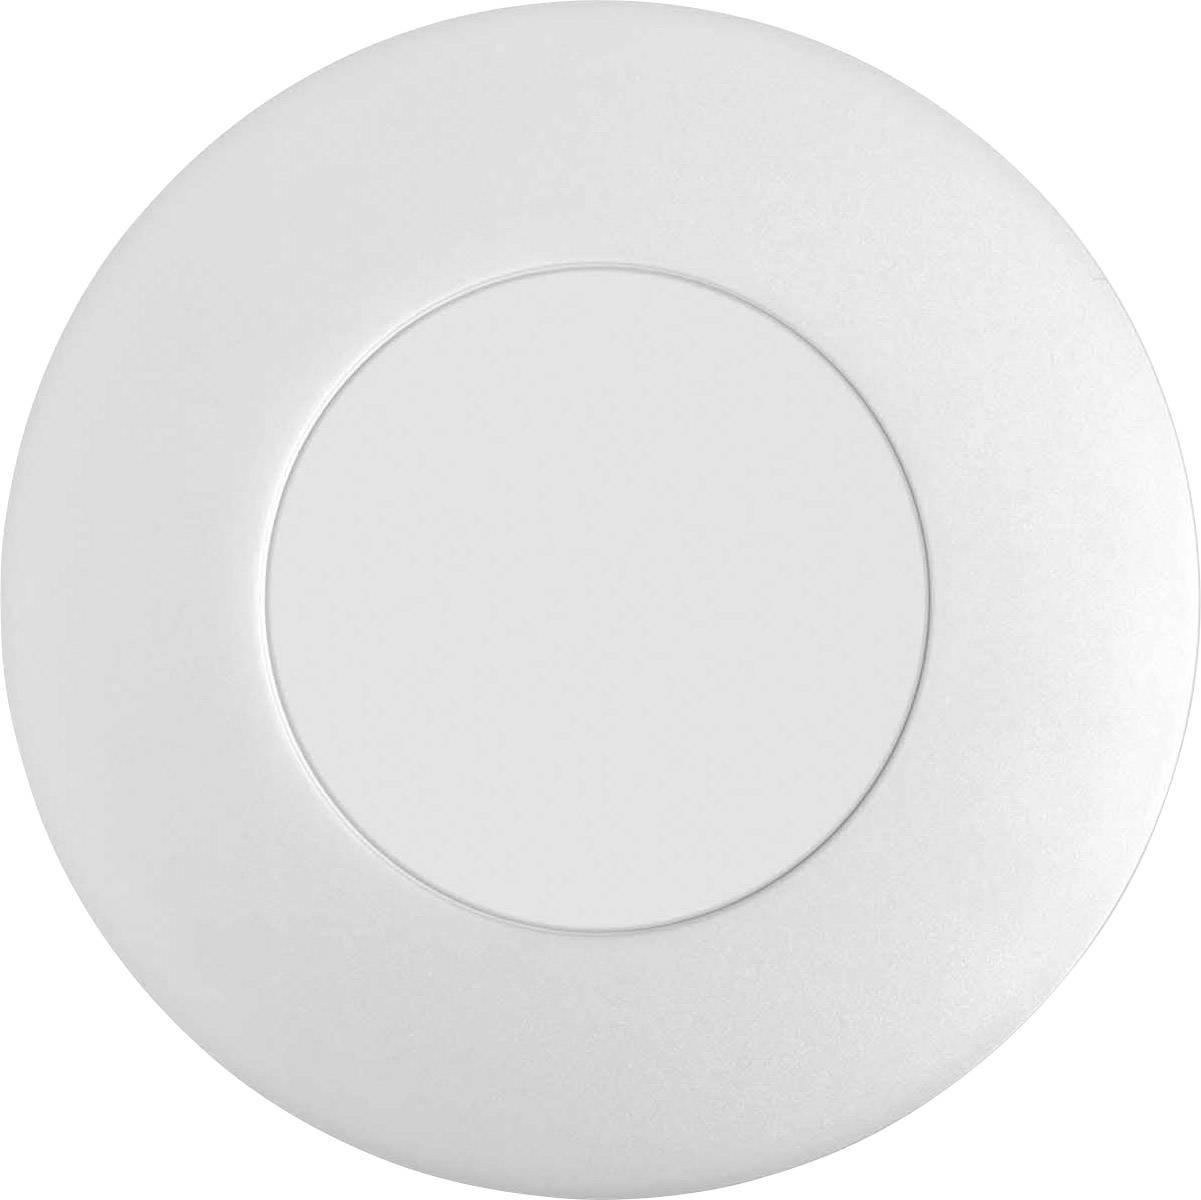 LED stropné a nástenné svietidlo OSRAM Lightify Surface Light W 28W, 28 W, teplá biela